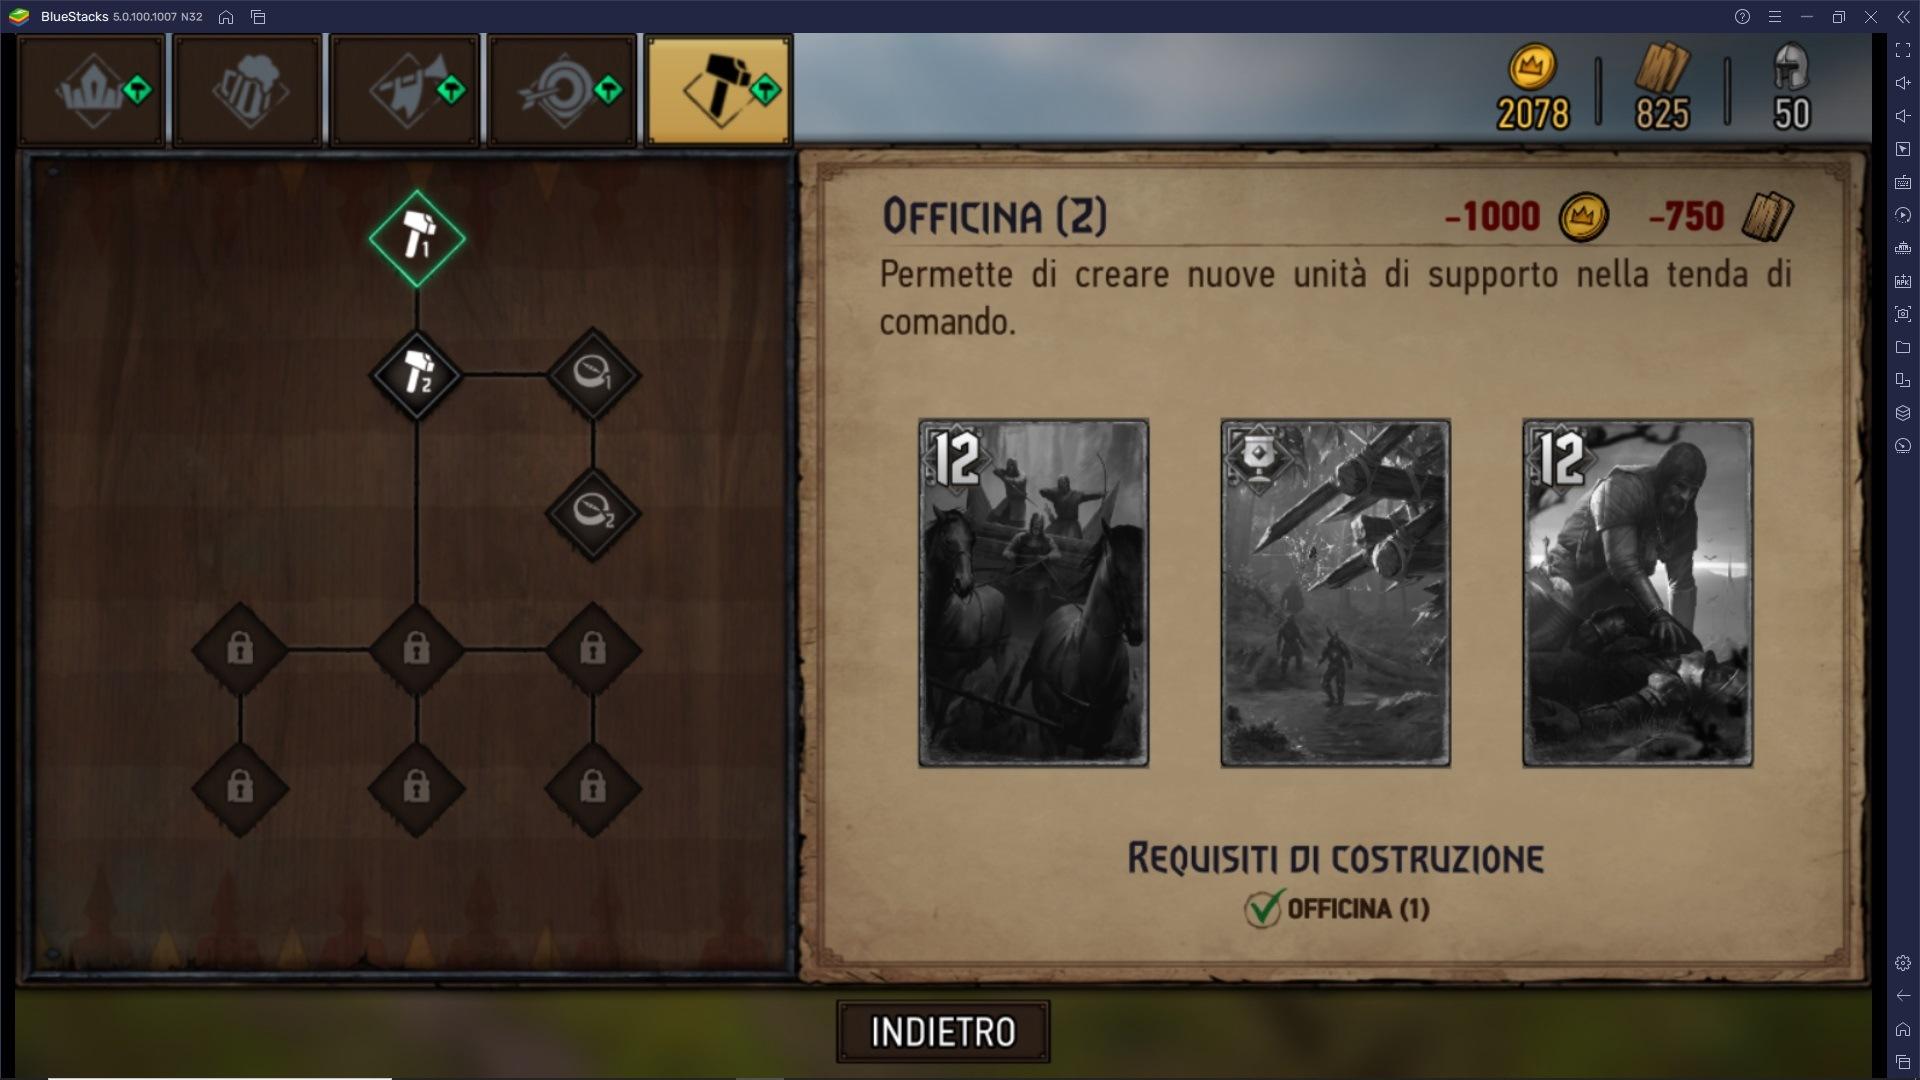 Scopri le Carte di The Witcher Tales: Thronebreaker e affronta la prima sezione gratuita del gioco